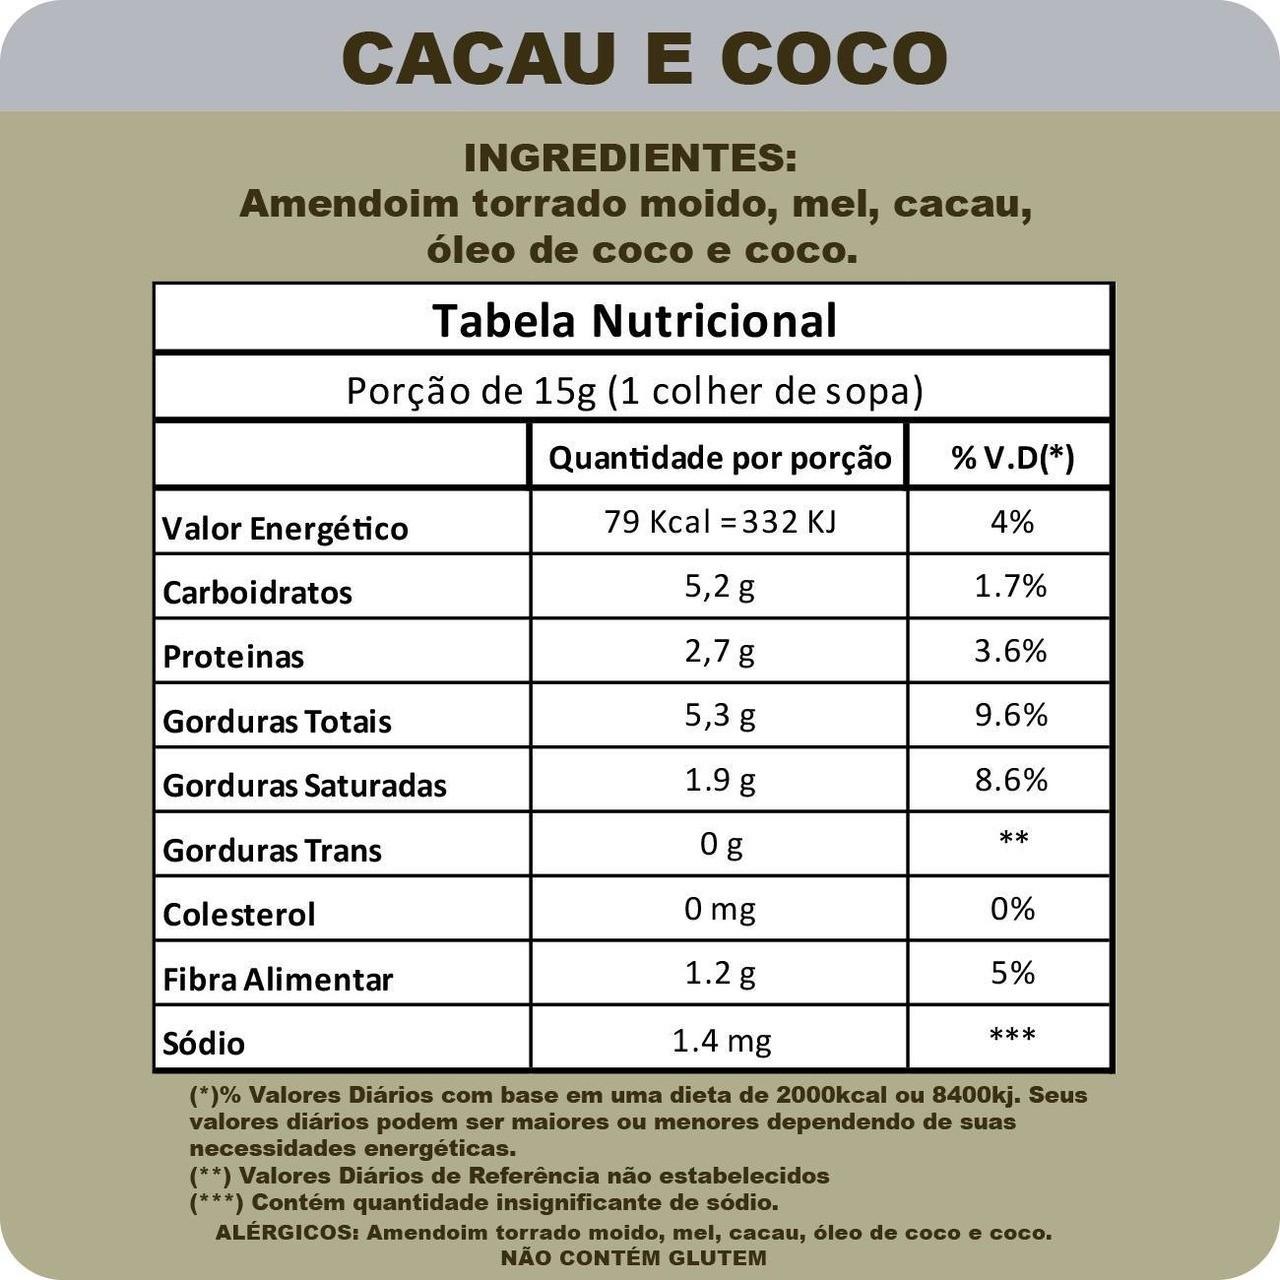 AmendoMel c/ Cacau e Coco (500g) - Thiani